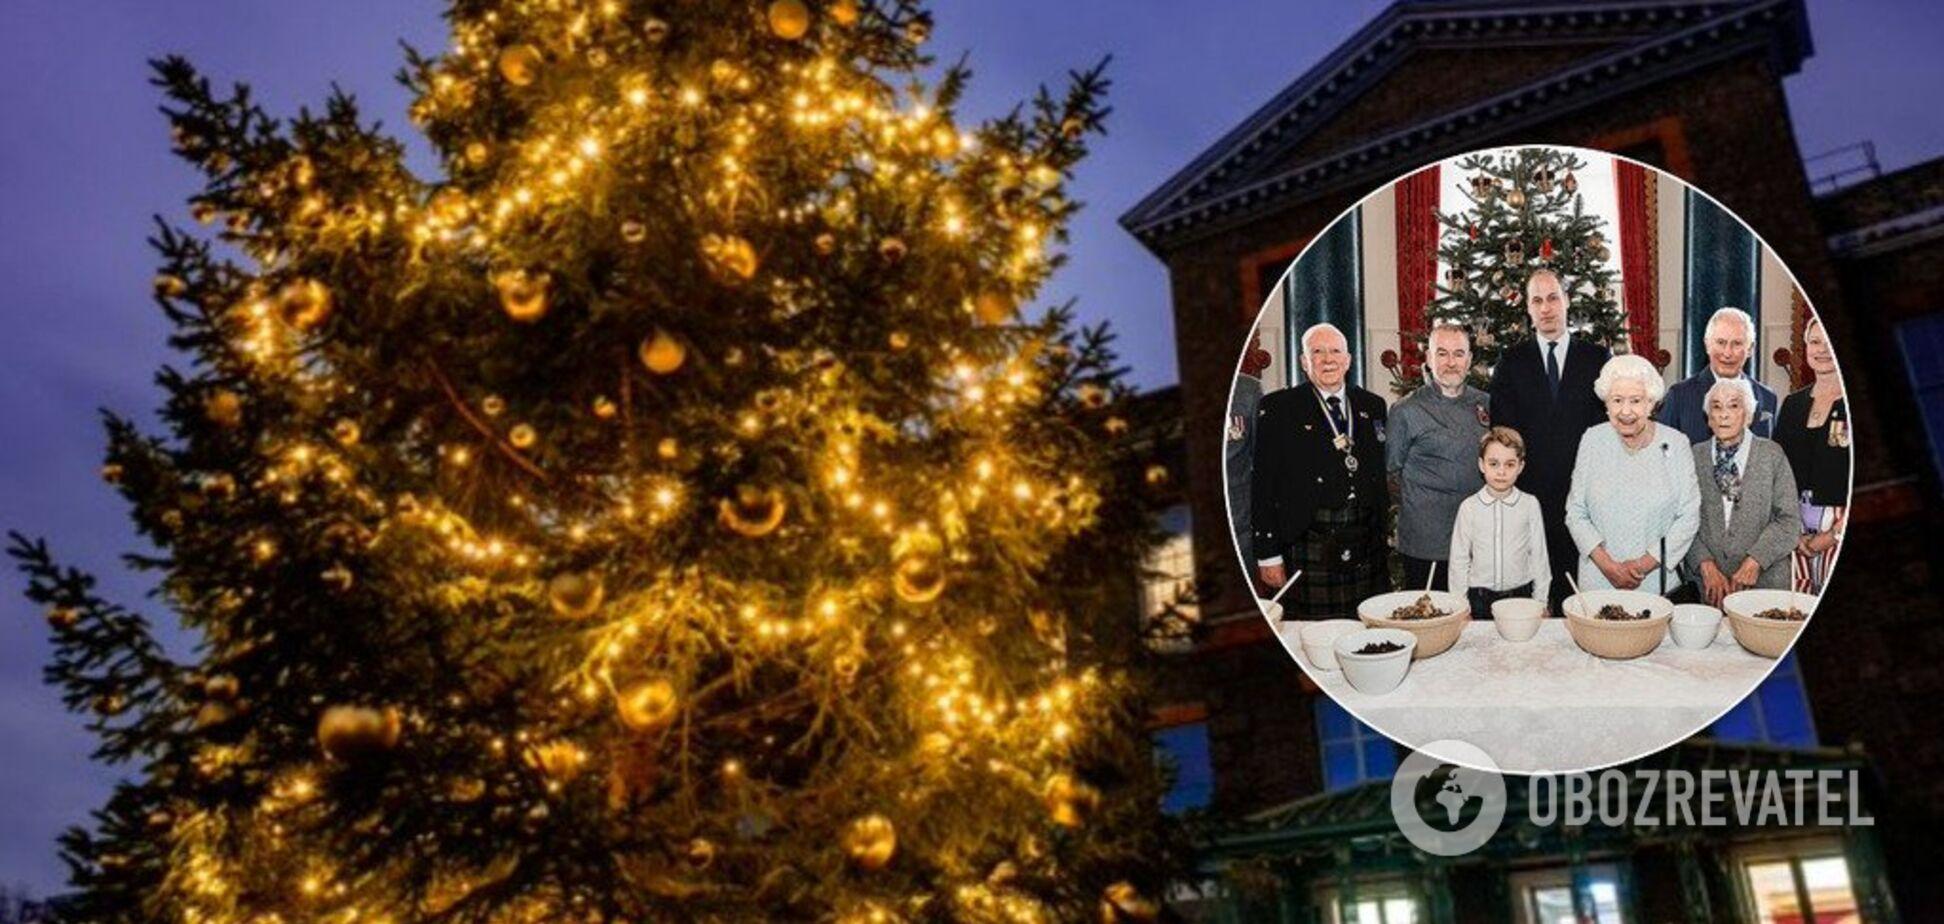 Подготовка к Рождеству: королевская семья Великобритании умилила сеть новыми фото